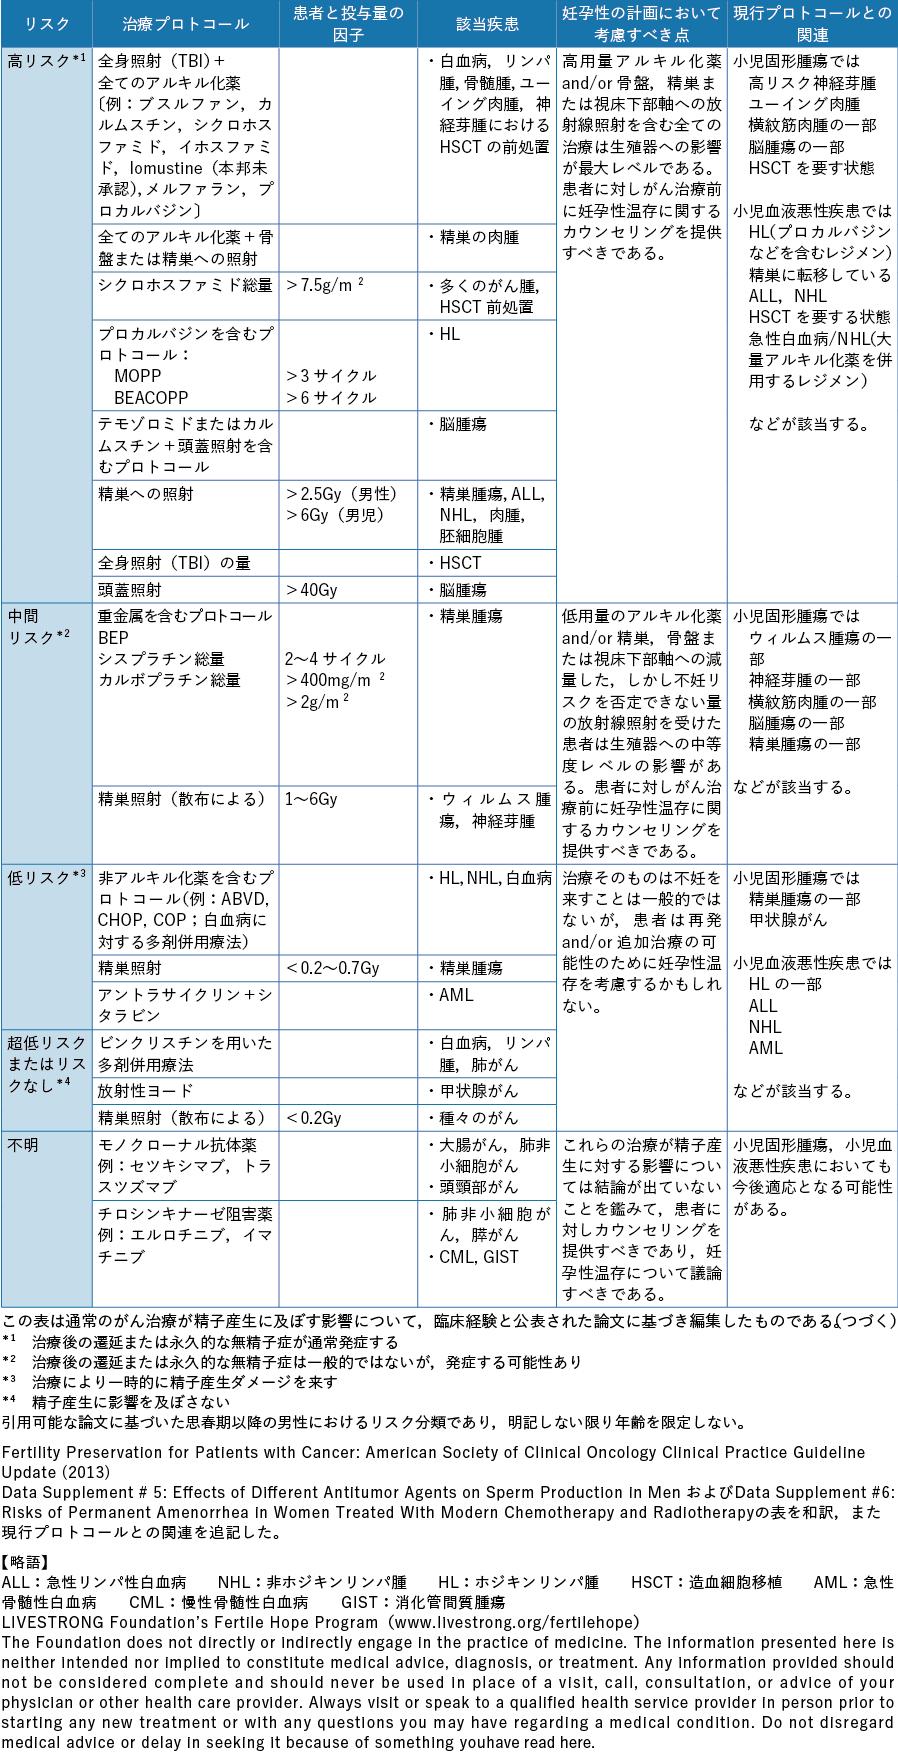 表6-2 小児がんに対する治療による性腺毒性のリスク分類(男性) ASCO 2013